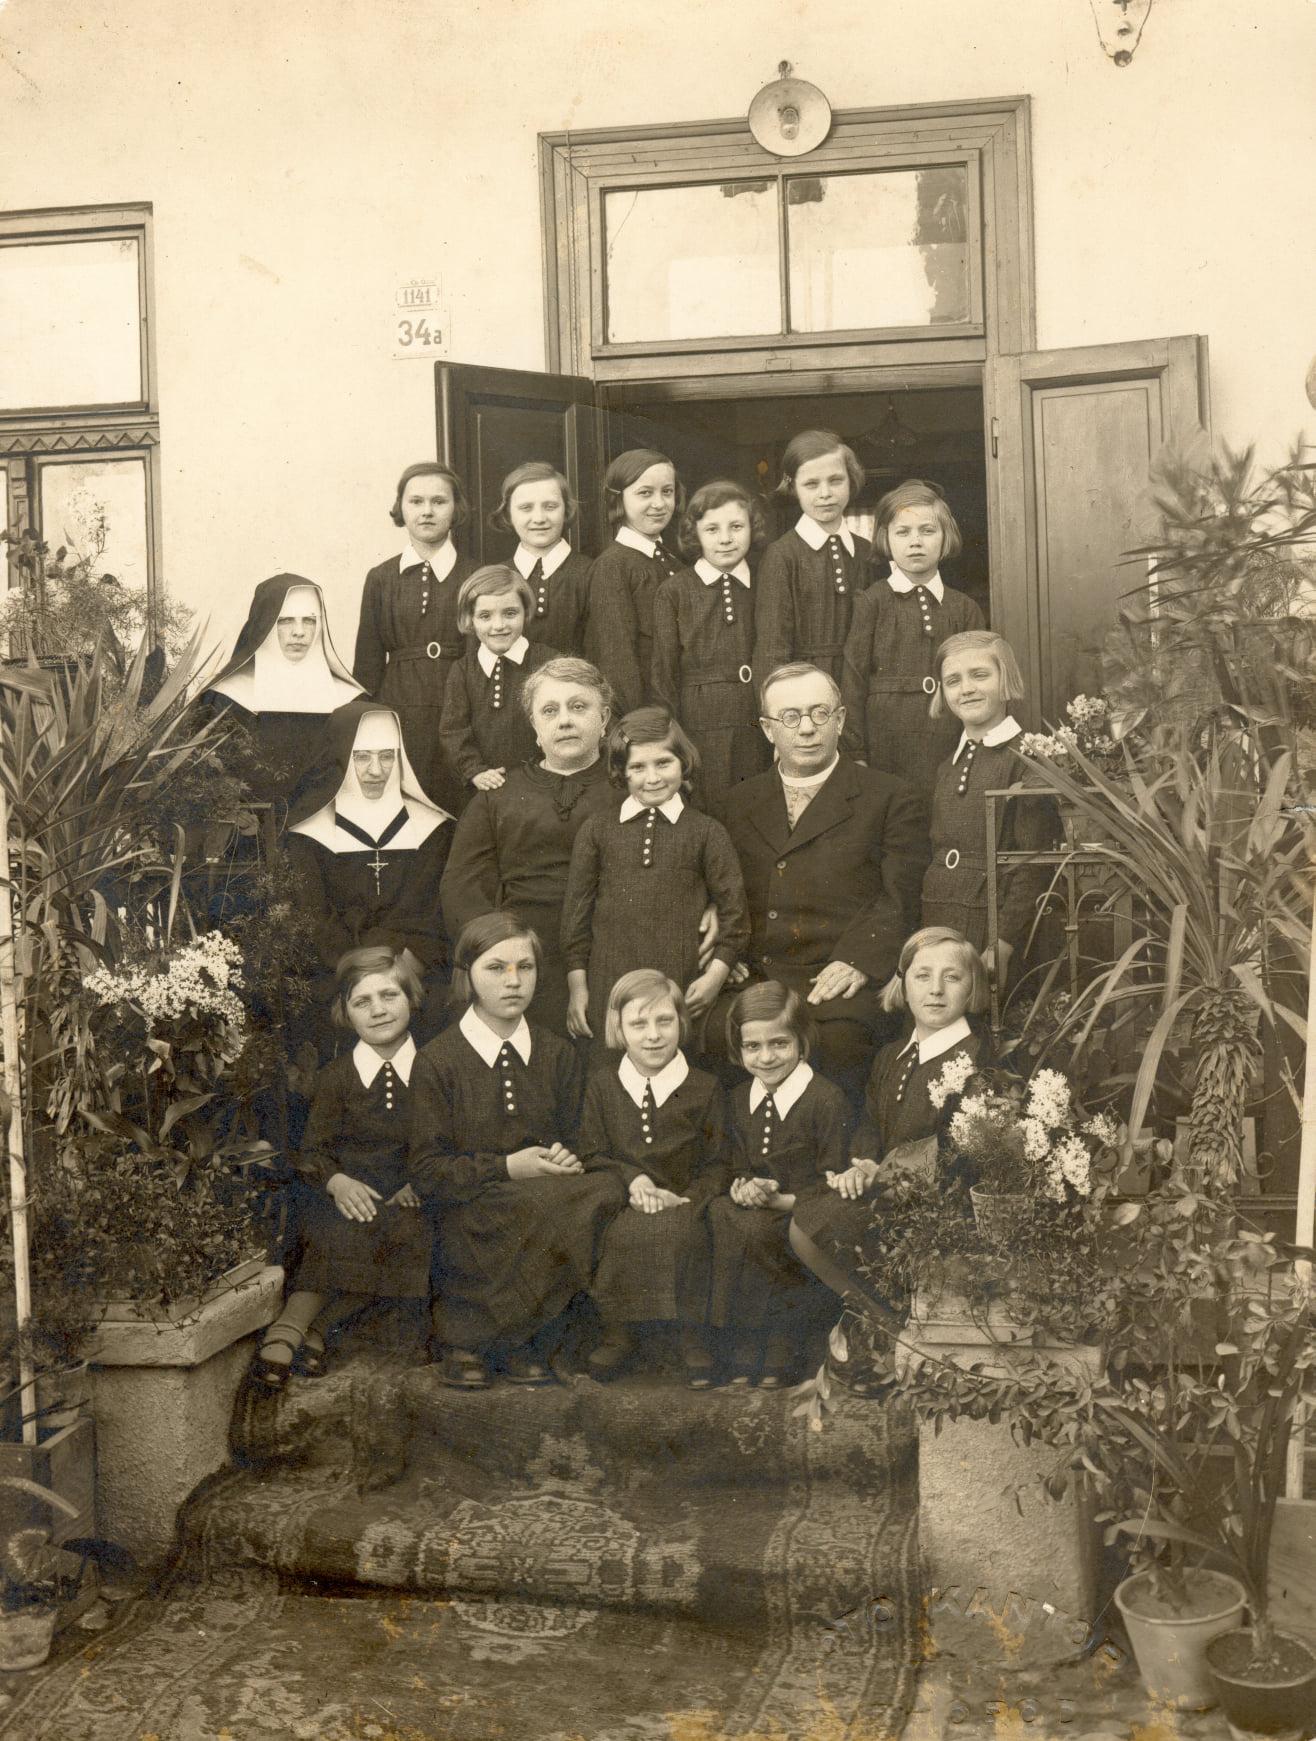 102-річна монахиня. Сестра Василіанка, яка пережила підпілля і знала Августина Волошина, святкує день народження